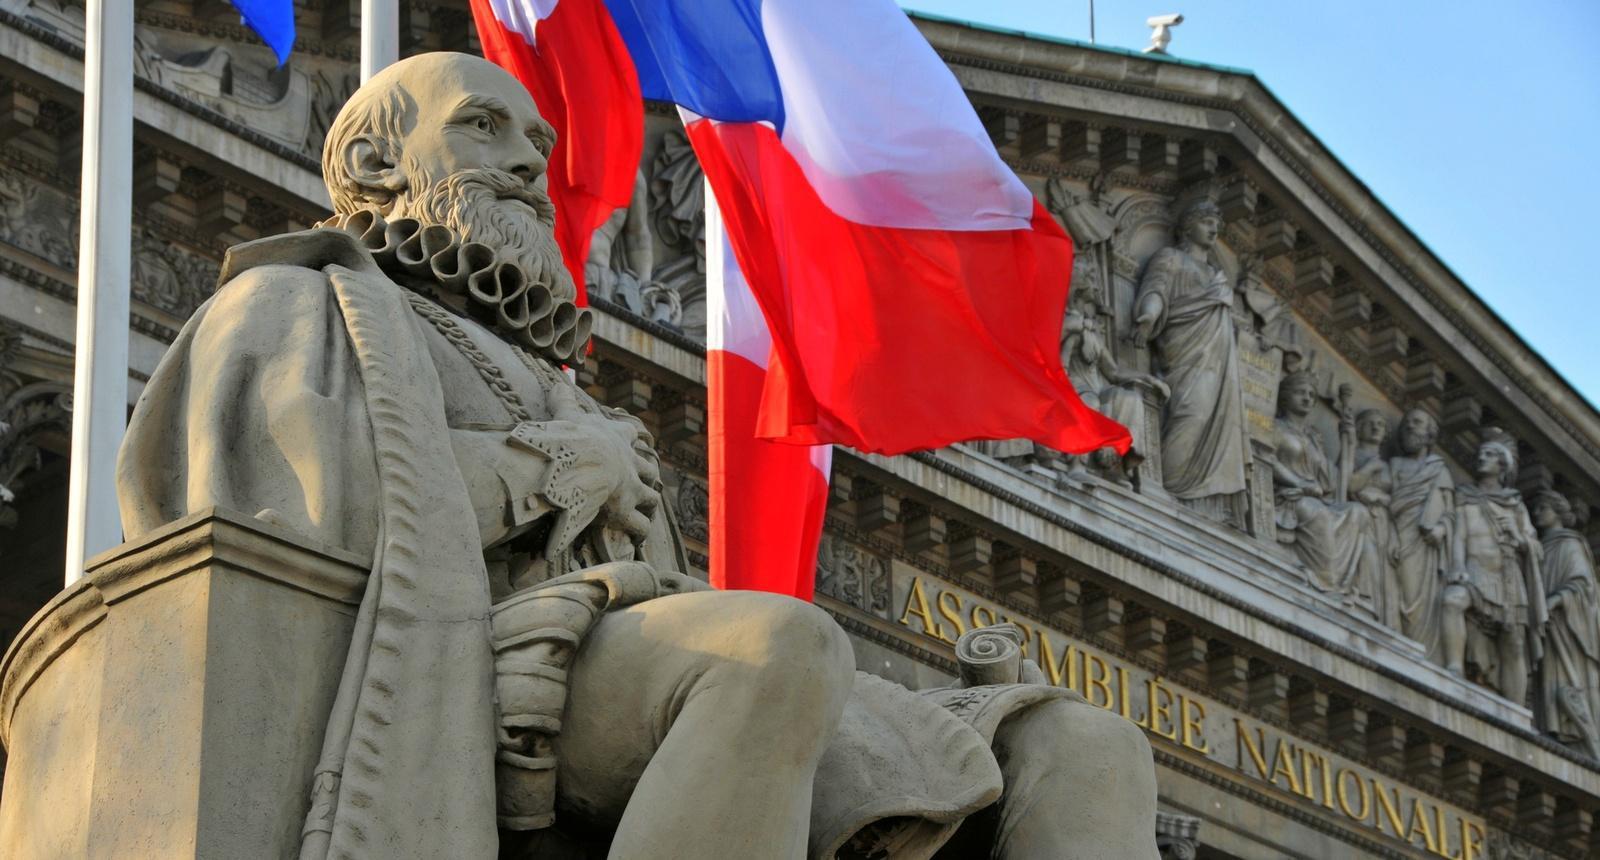 Le Palais Bourbon à Paris, siège de l'Assemblée Nationale